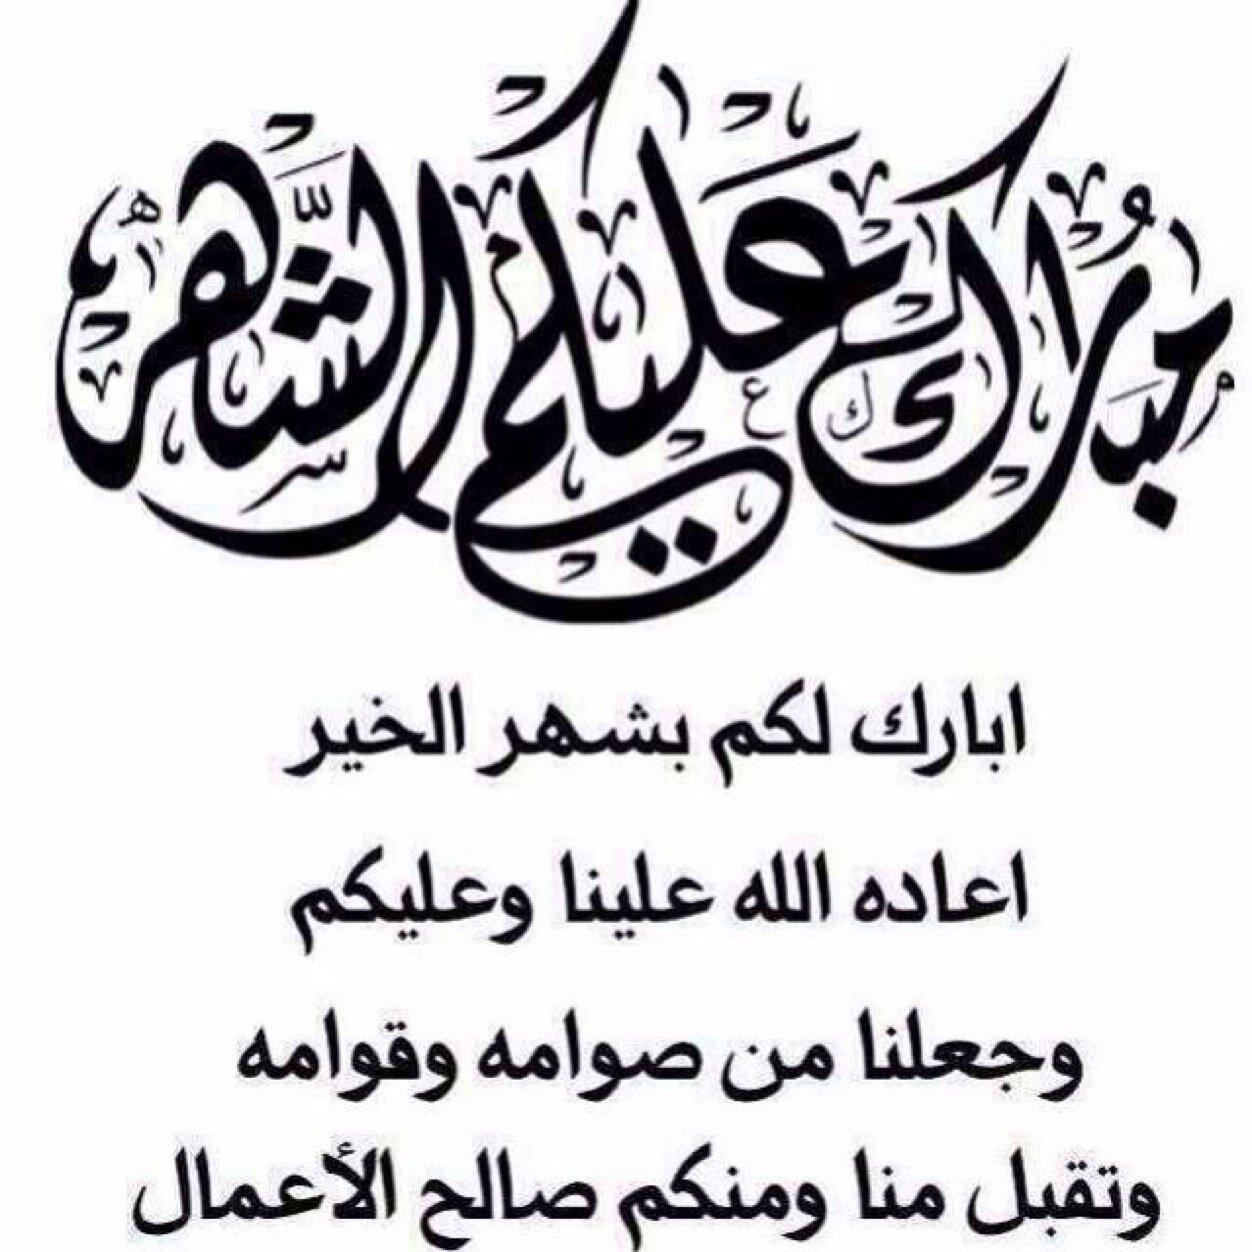 مبارك عليكم الشهر 638586168.jpeg